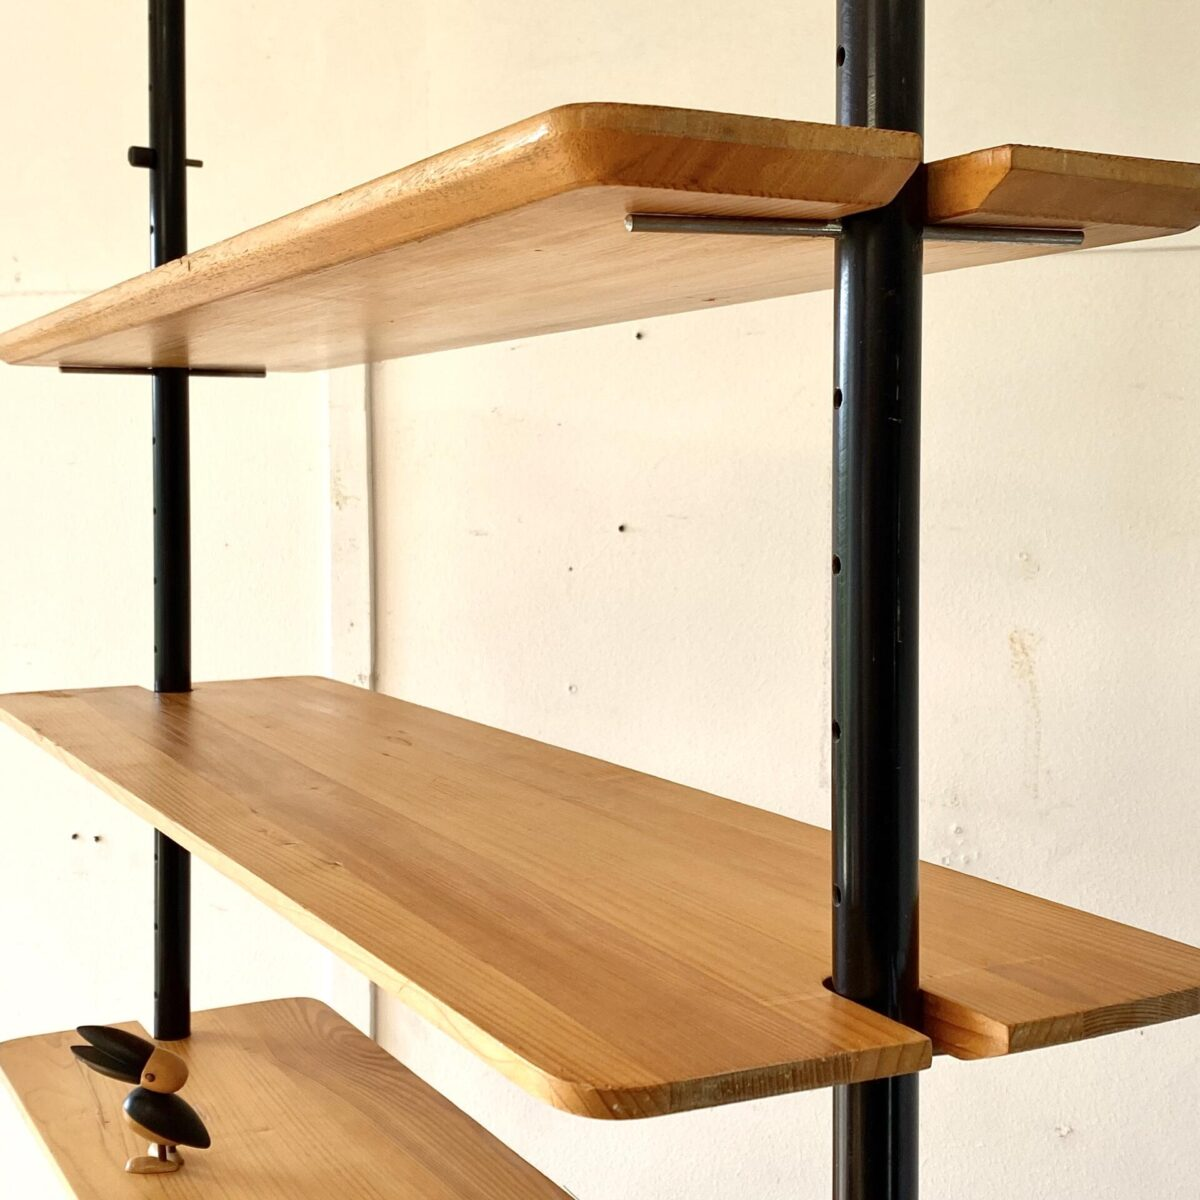 Deuxieme.shop midcentury Spannregal. Teleskopregal mit sieben Fichtentablaren. 90x25cm Höhe 245-280cm. Das Bücherregal ist in schönem Original Zustand, die runden Metallstangen haben Holzabschlüsse an den Enden.